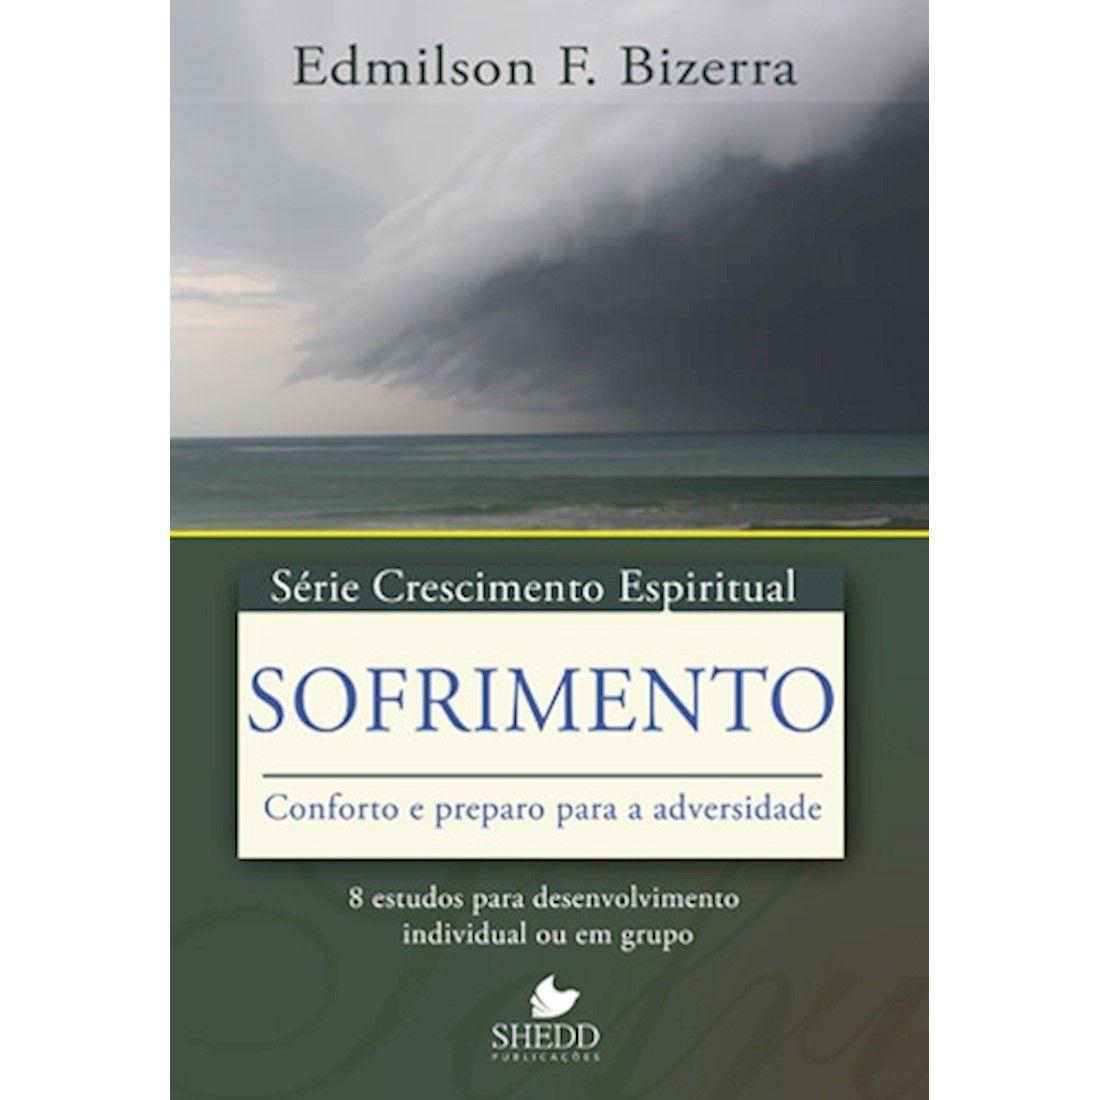 Livro Sofrimento   Série Crescimento Espiritual